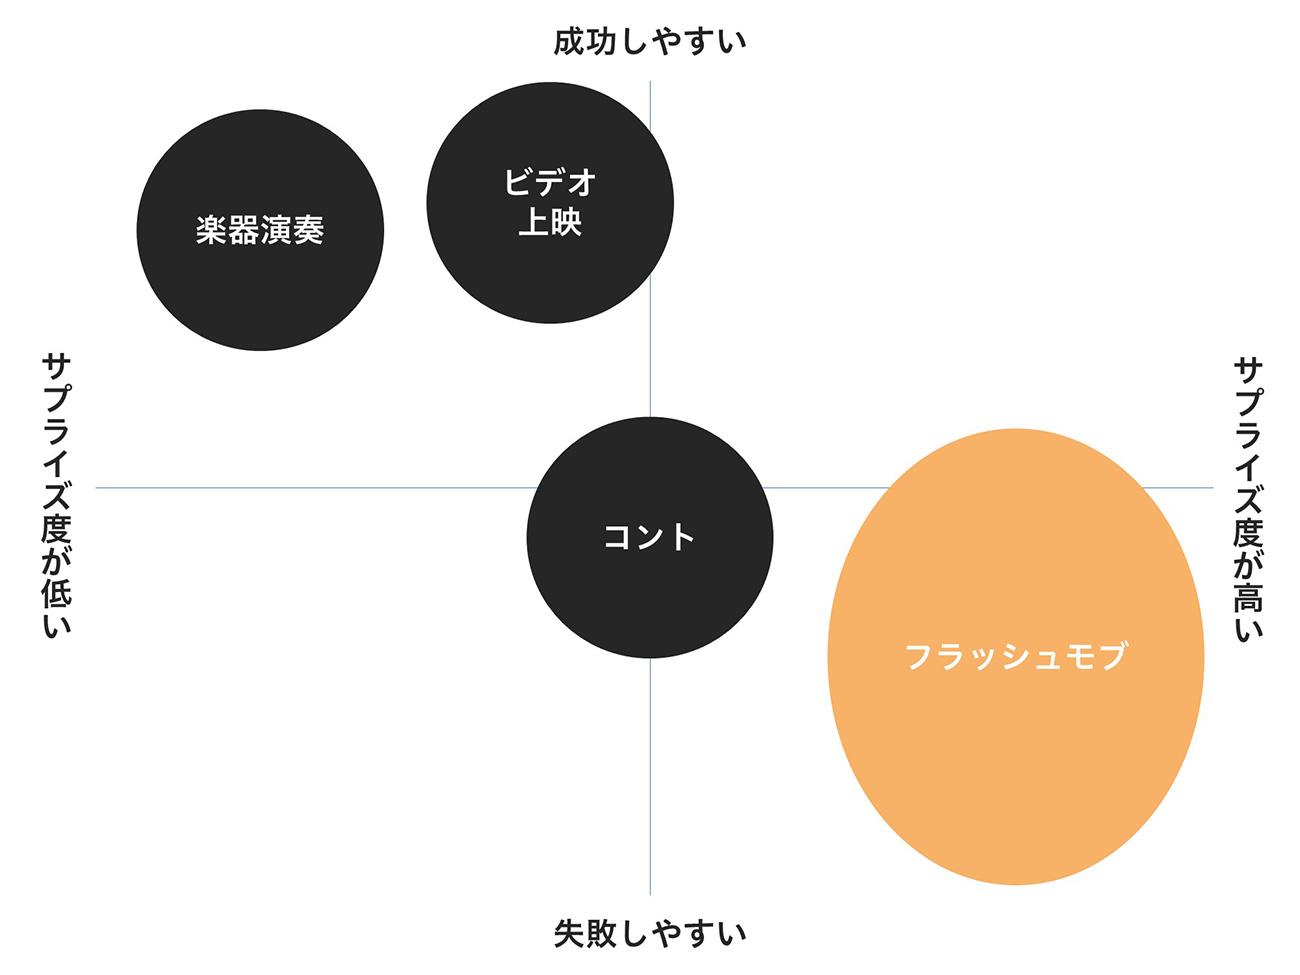 フラッシュモブと他の余興を比較するポジショニングマップ